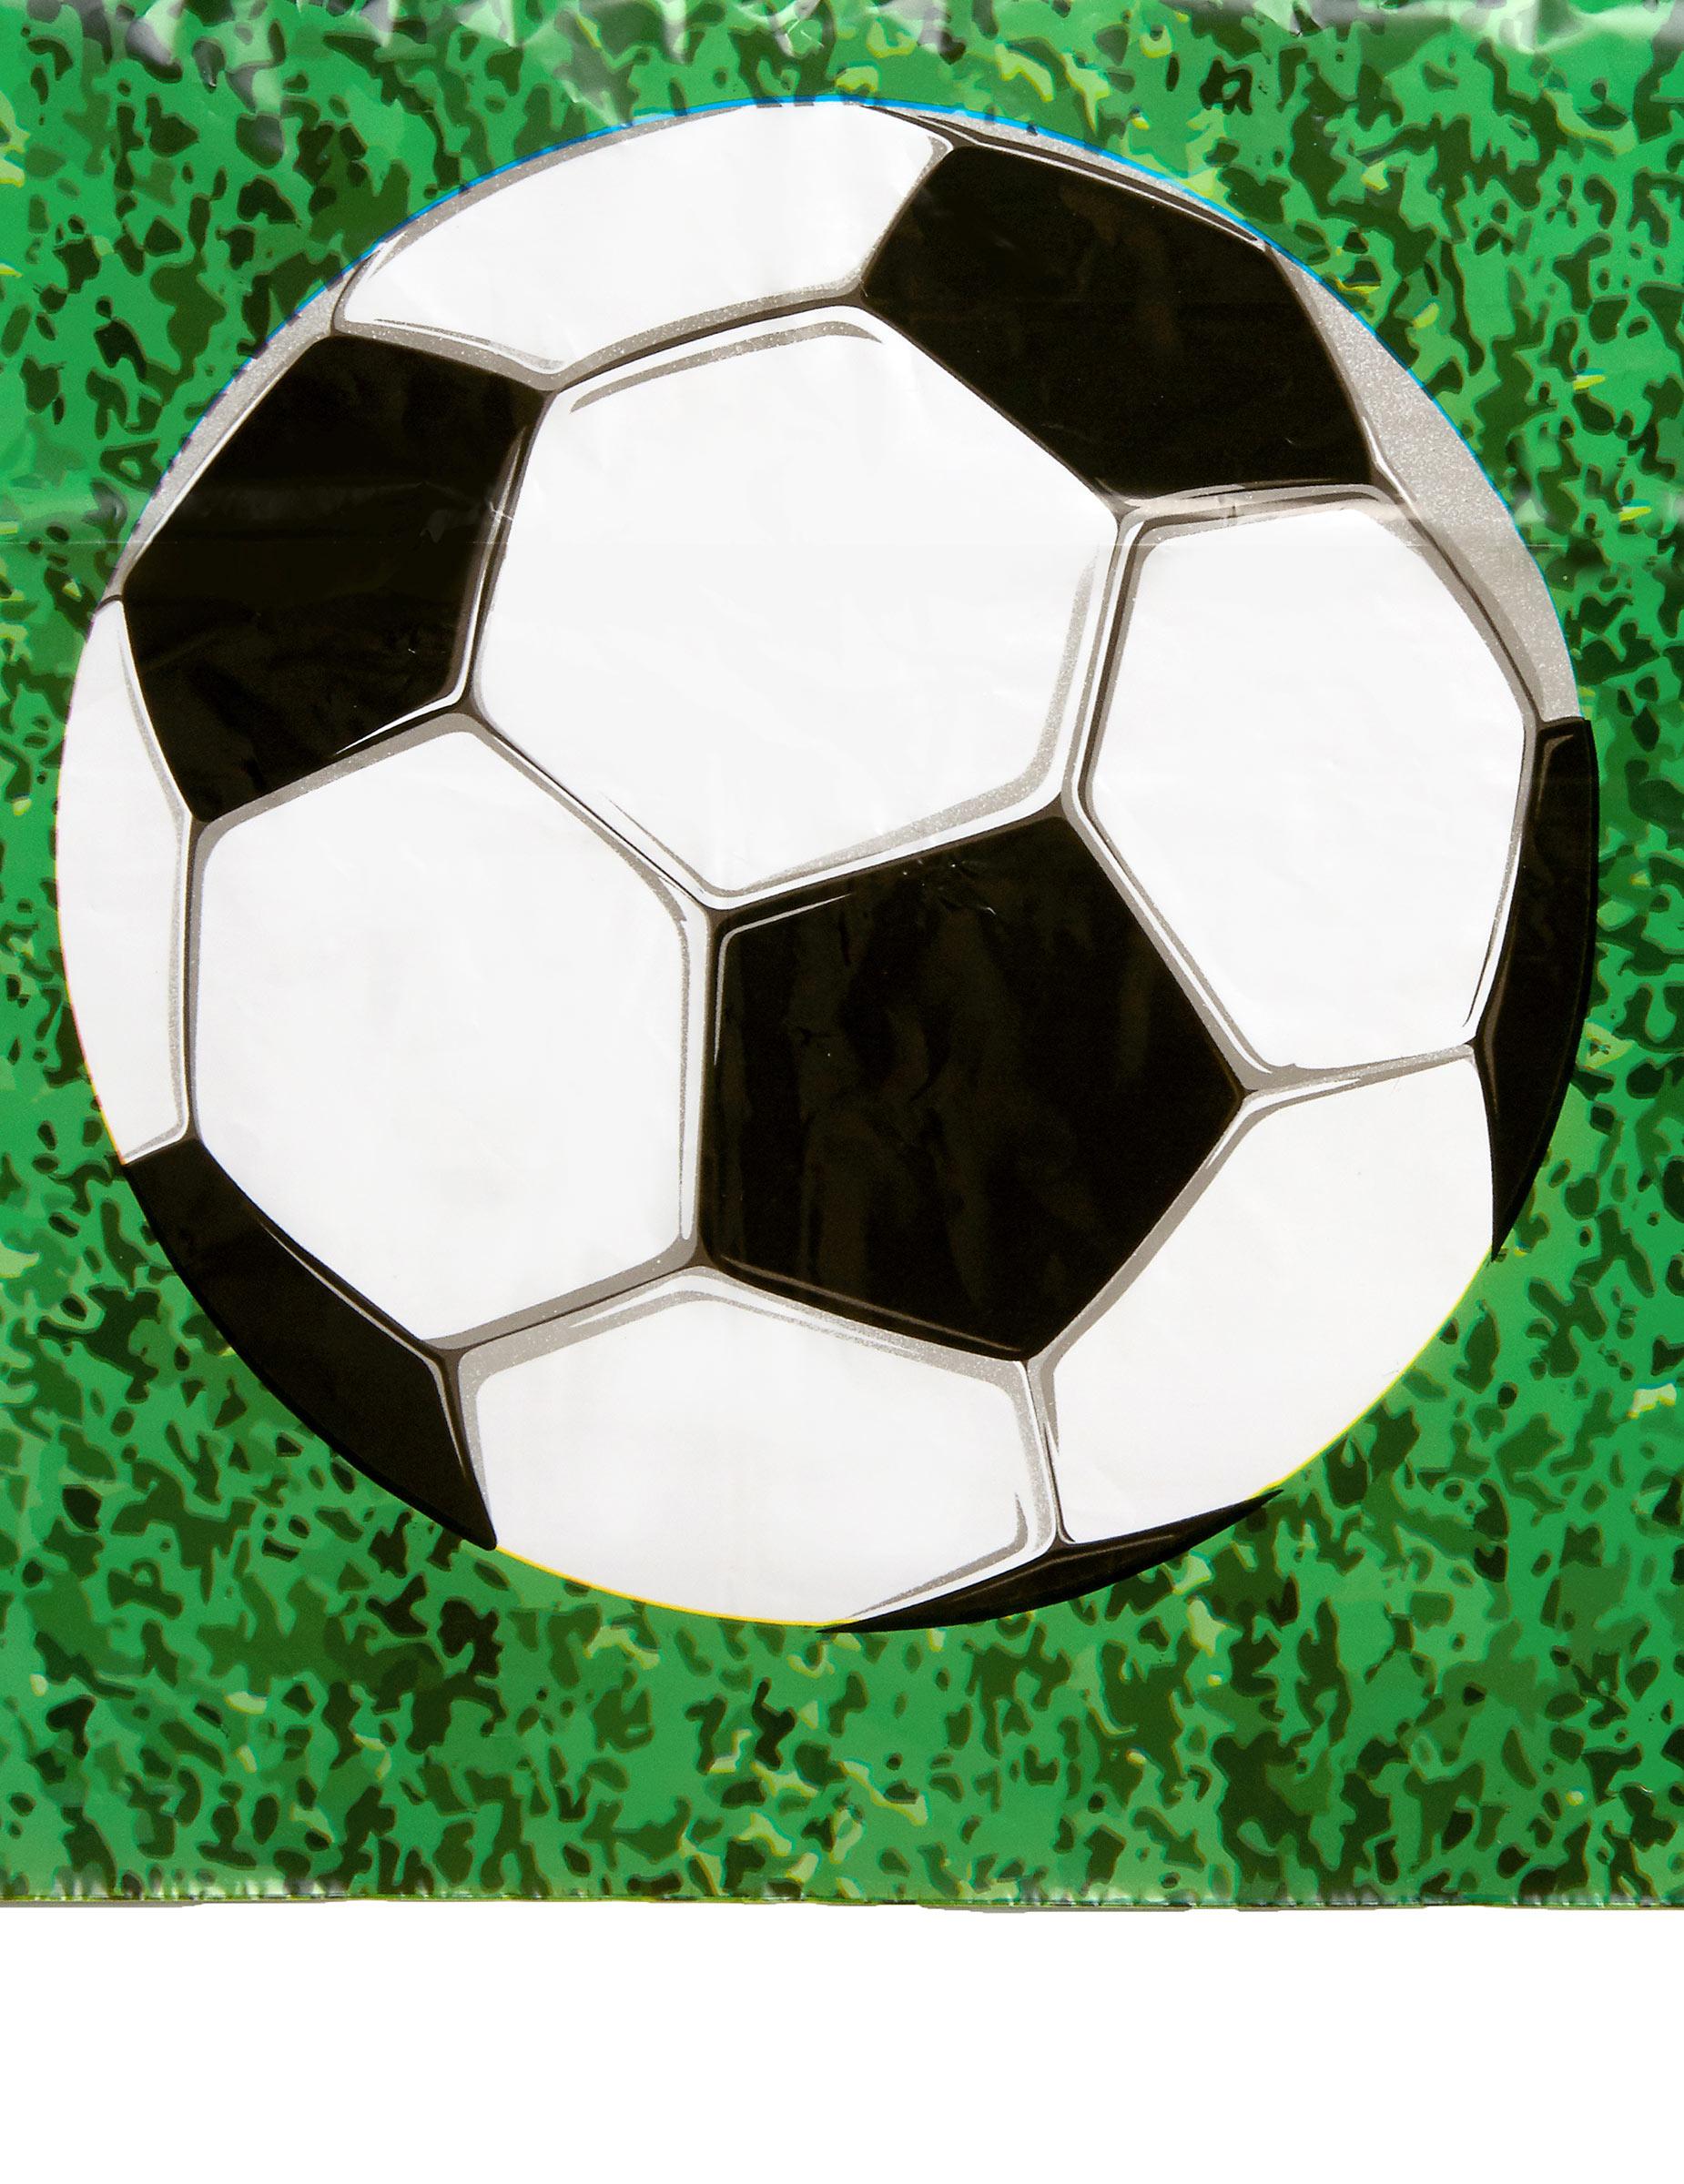 fussball tischdecke aus kunststoff gr n weiss 120 x 180 cm partydeko und g nstige. Black Bedroom Furniture Sets. Home Design Ideas